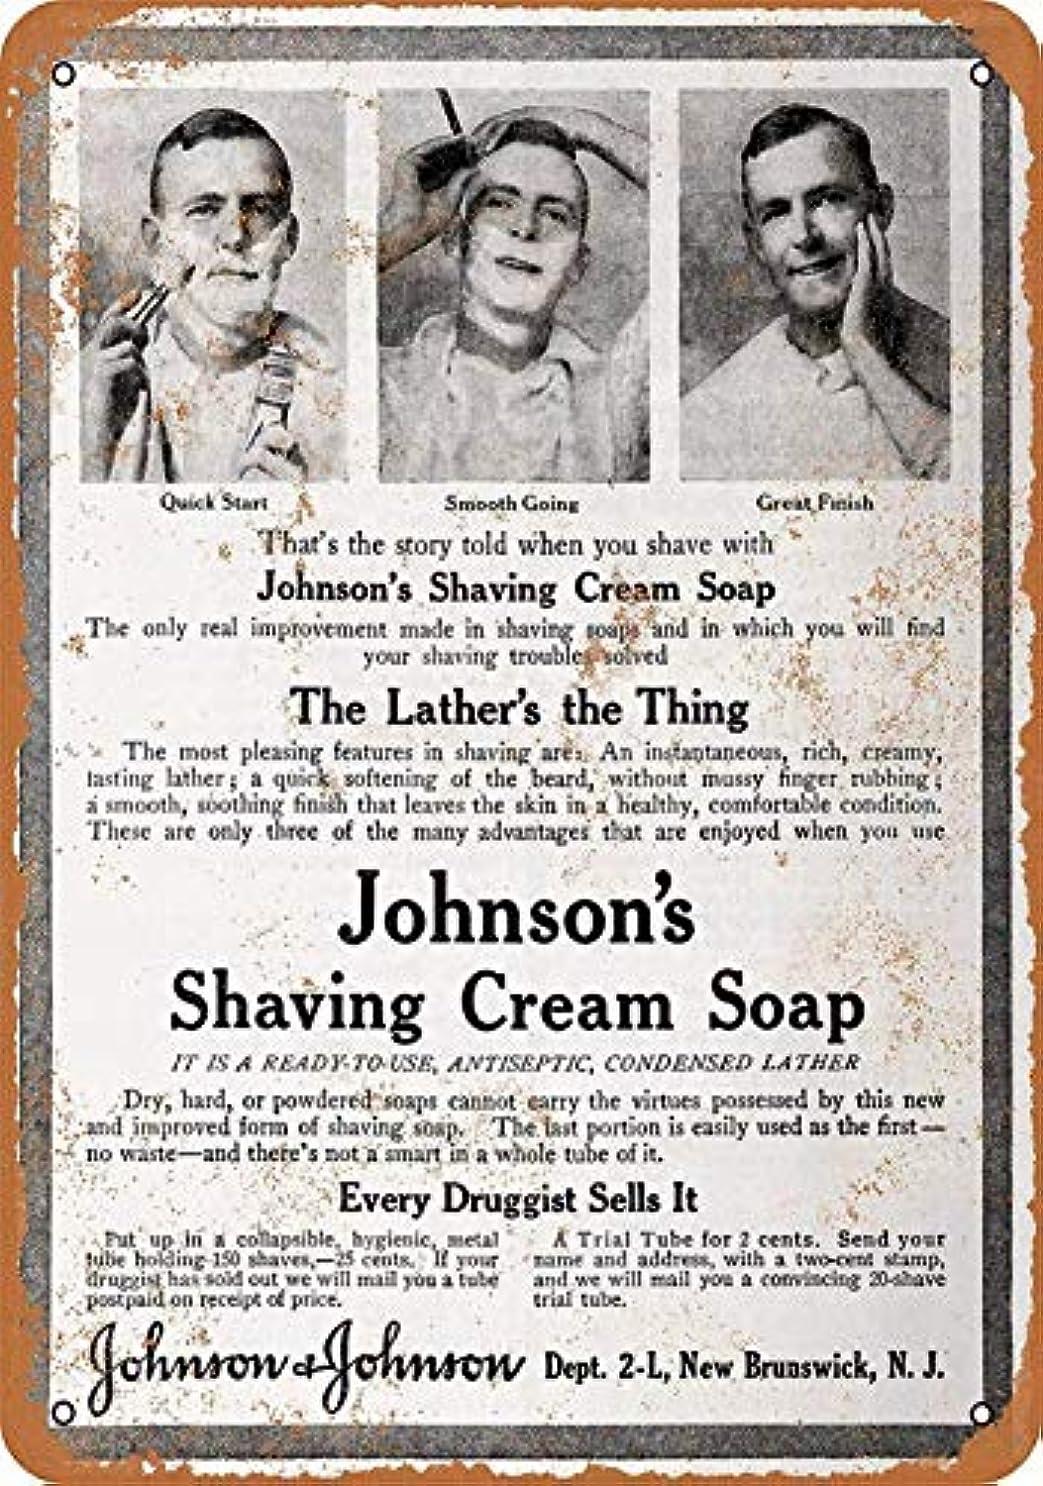 パプアニューギニア品種素晴らしきなまけ者雑貨屋 Johnson's Shaving Cream Soap メタルプレート レトロ アメリカン ブリキ 看板 バー ビール おしゃれ インテリア